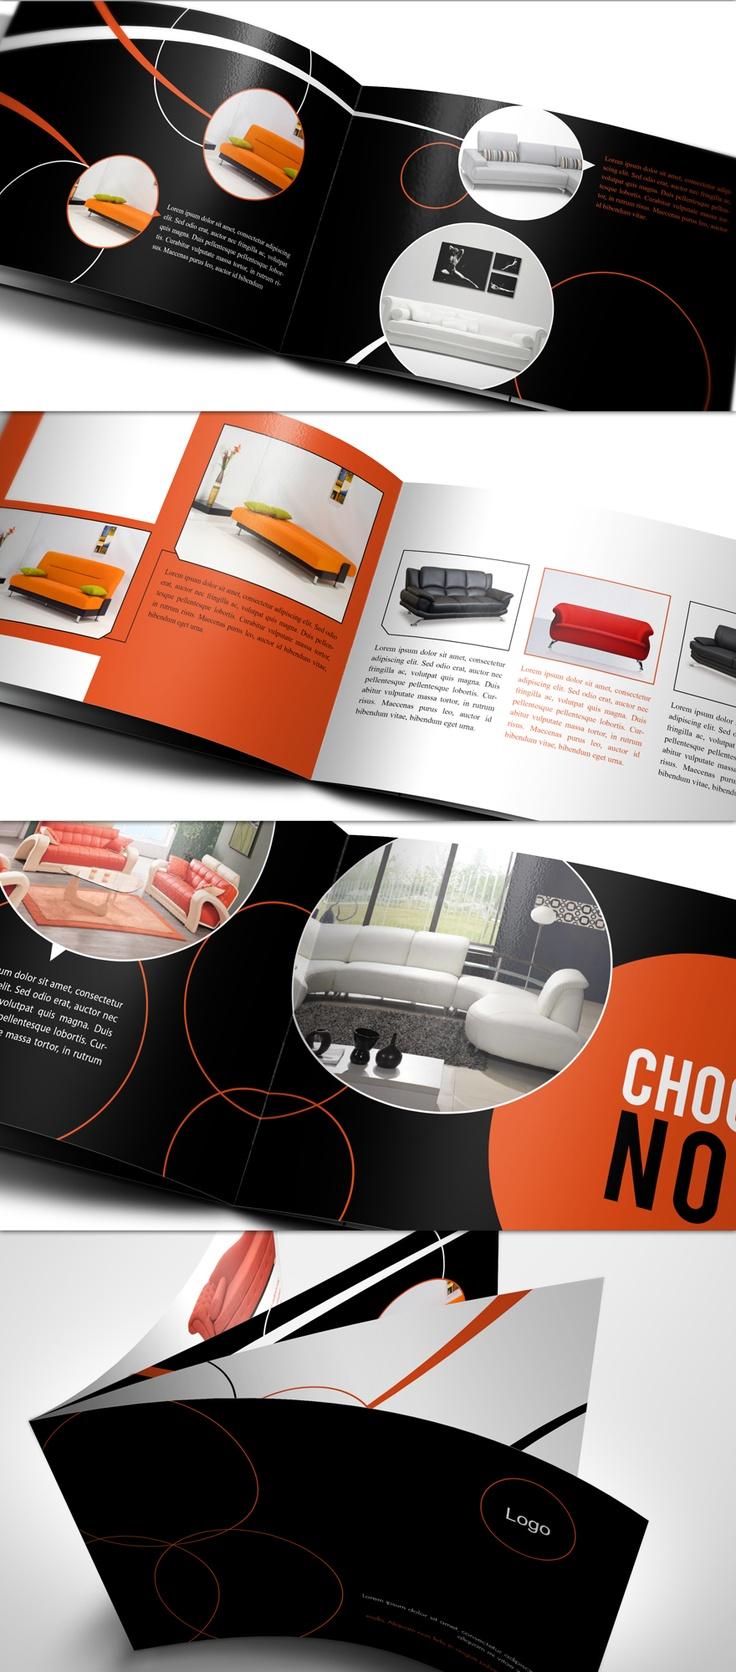 Overzichtelijke brochure met een leuke verdeling tussen tekst en beeld.